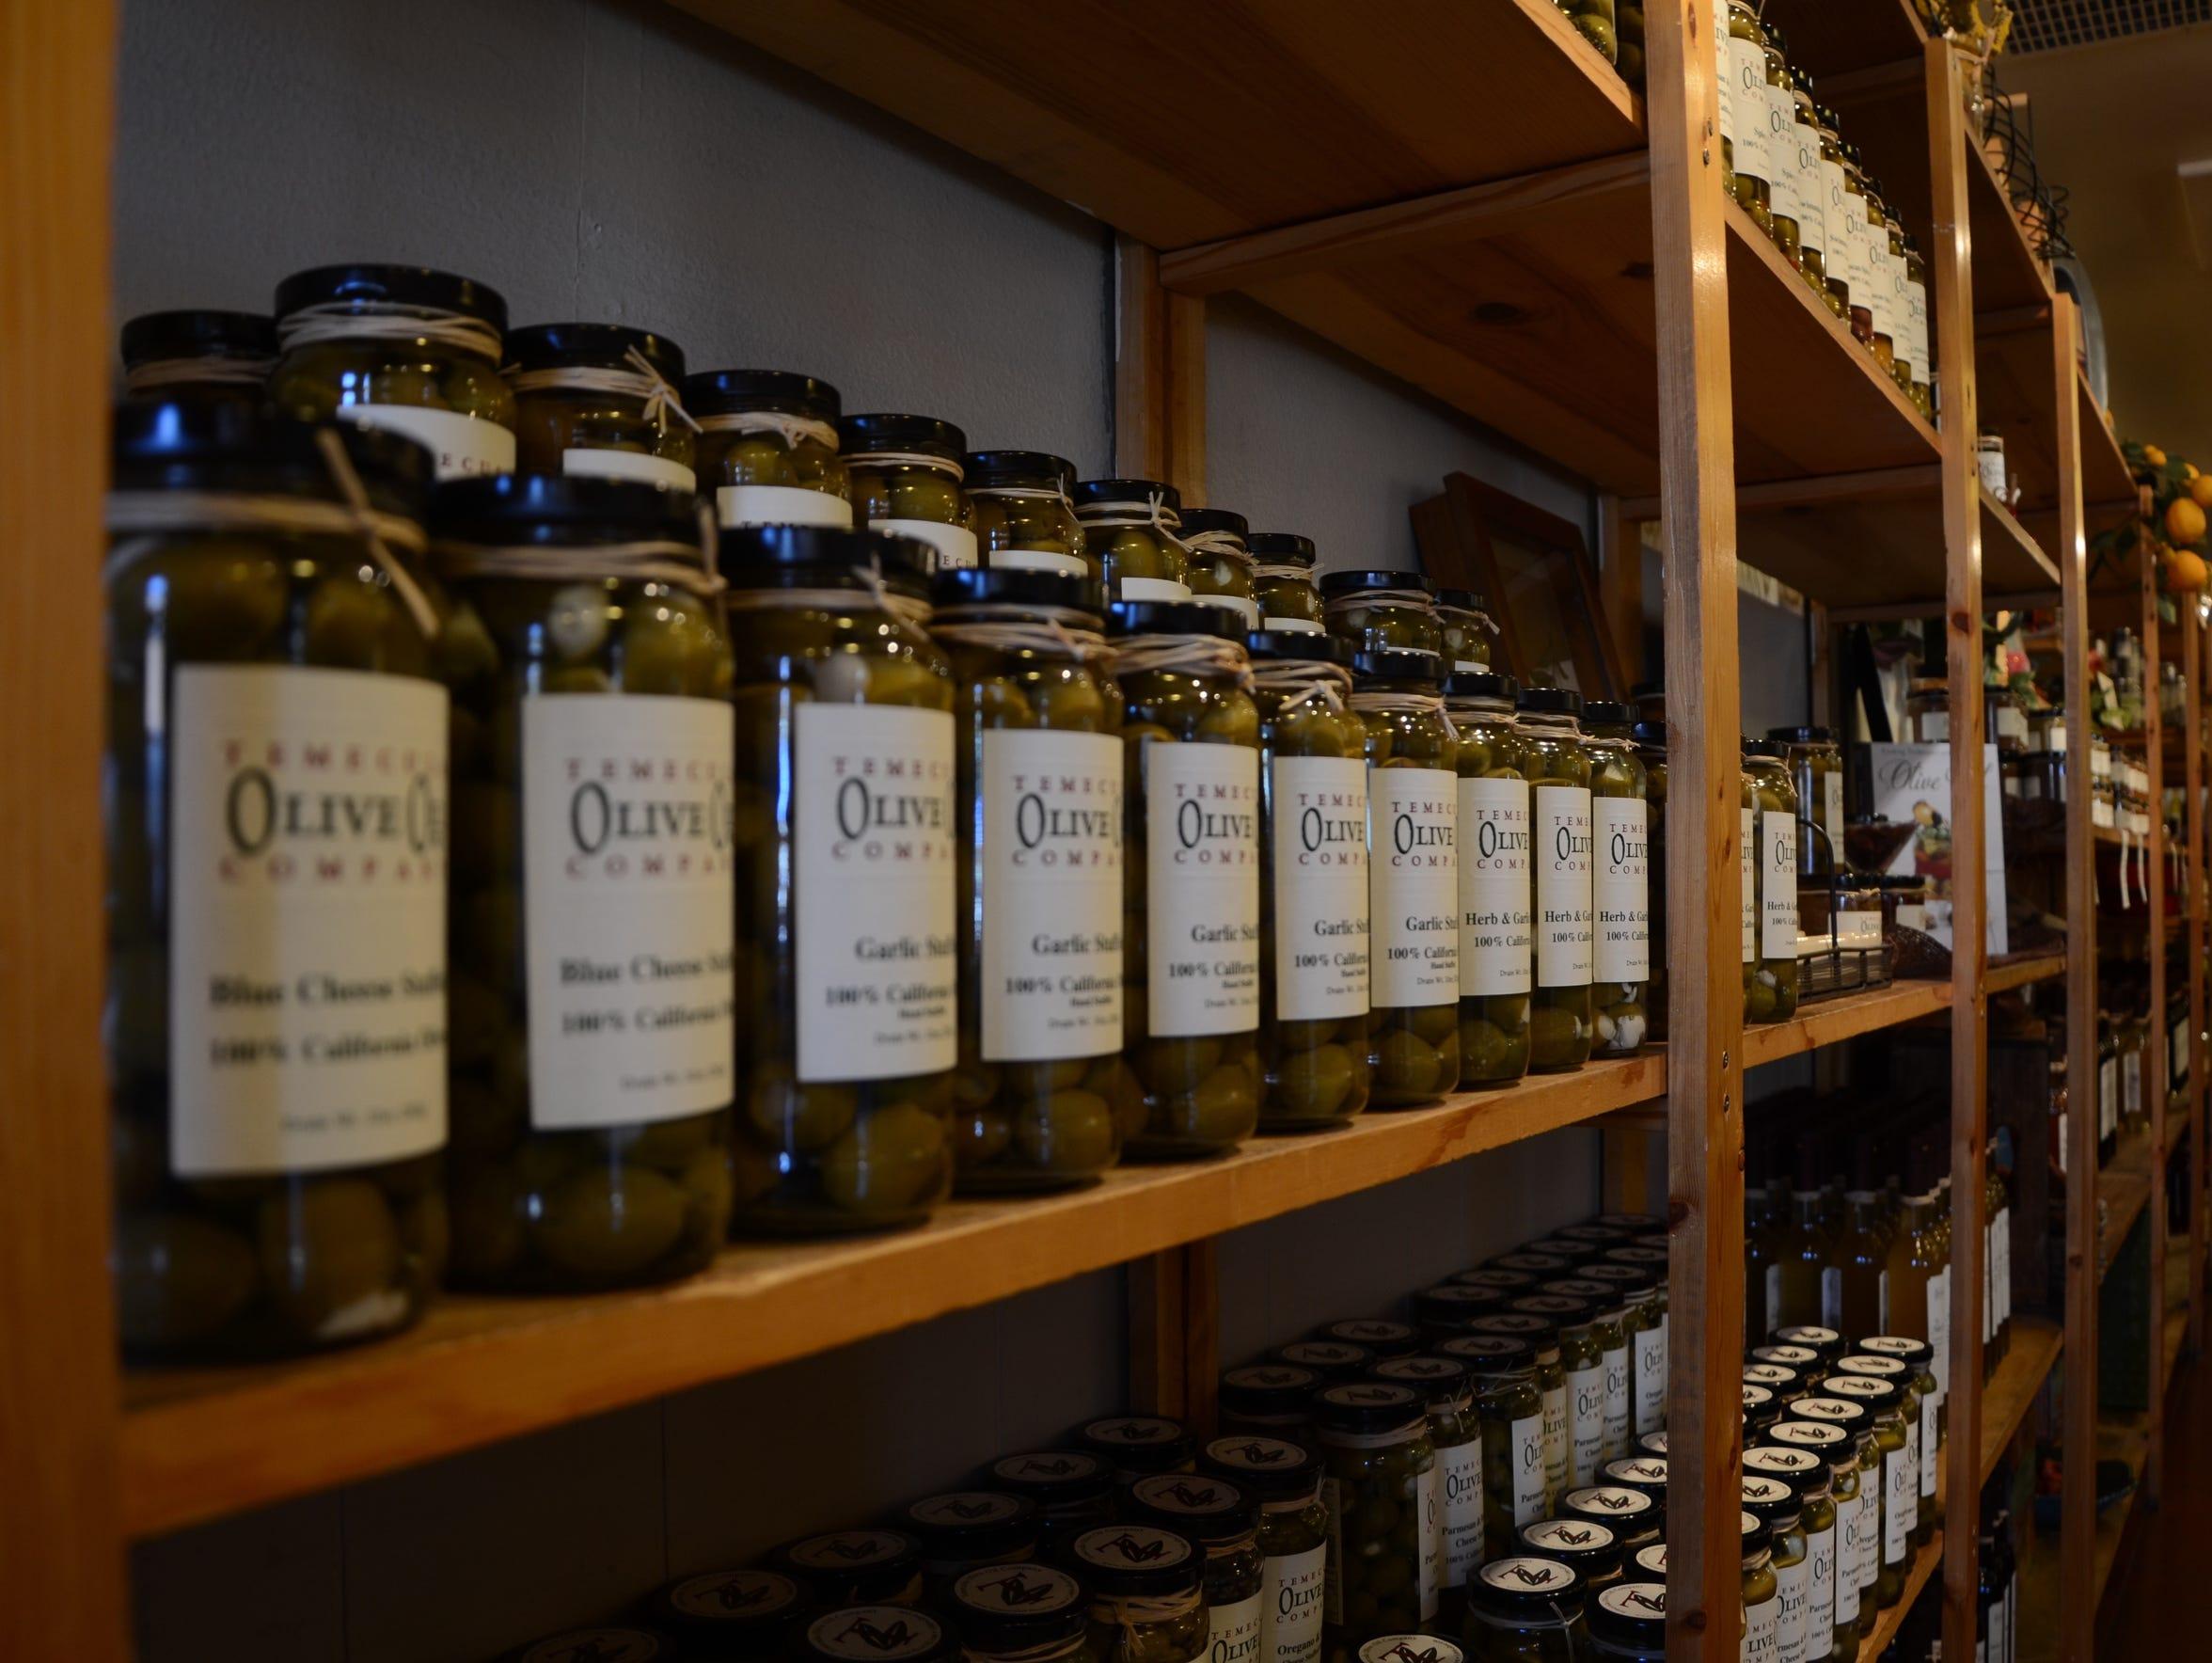 Temecula Olive Oil Company.